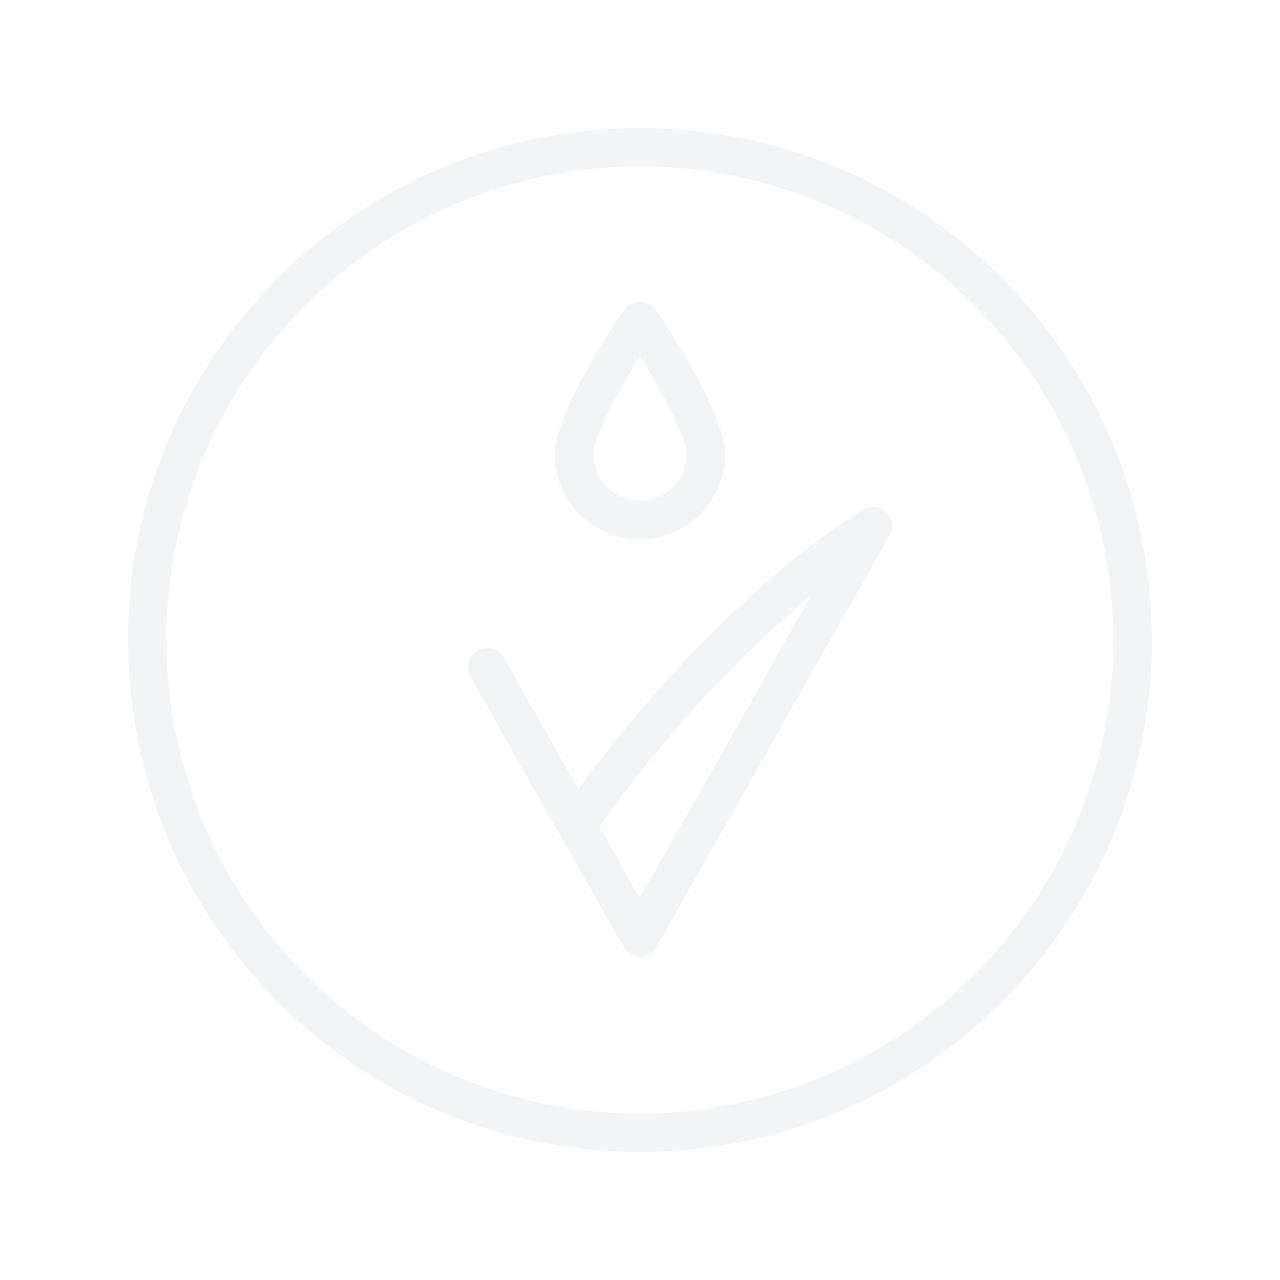 GLO SKIN BEAUTY Eyeshadow Quad 6.4g